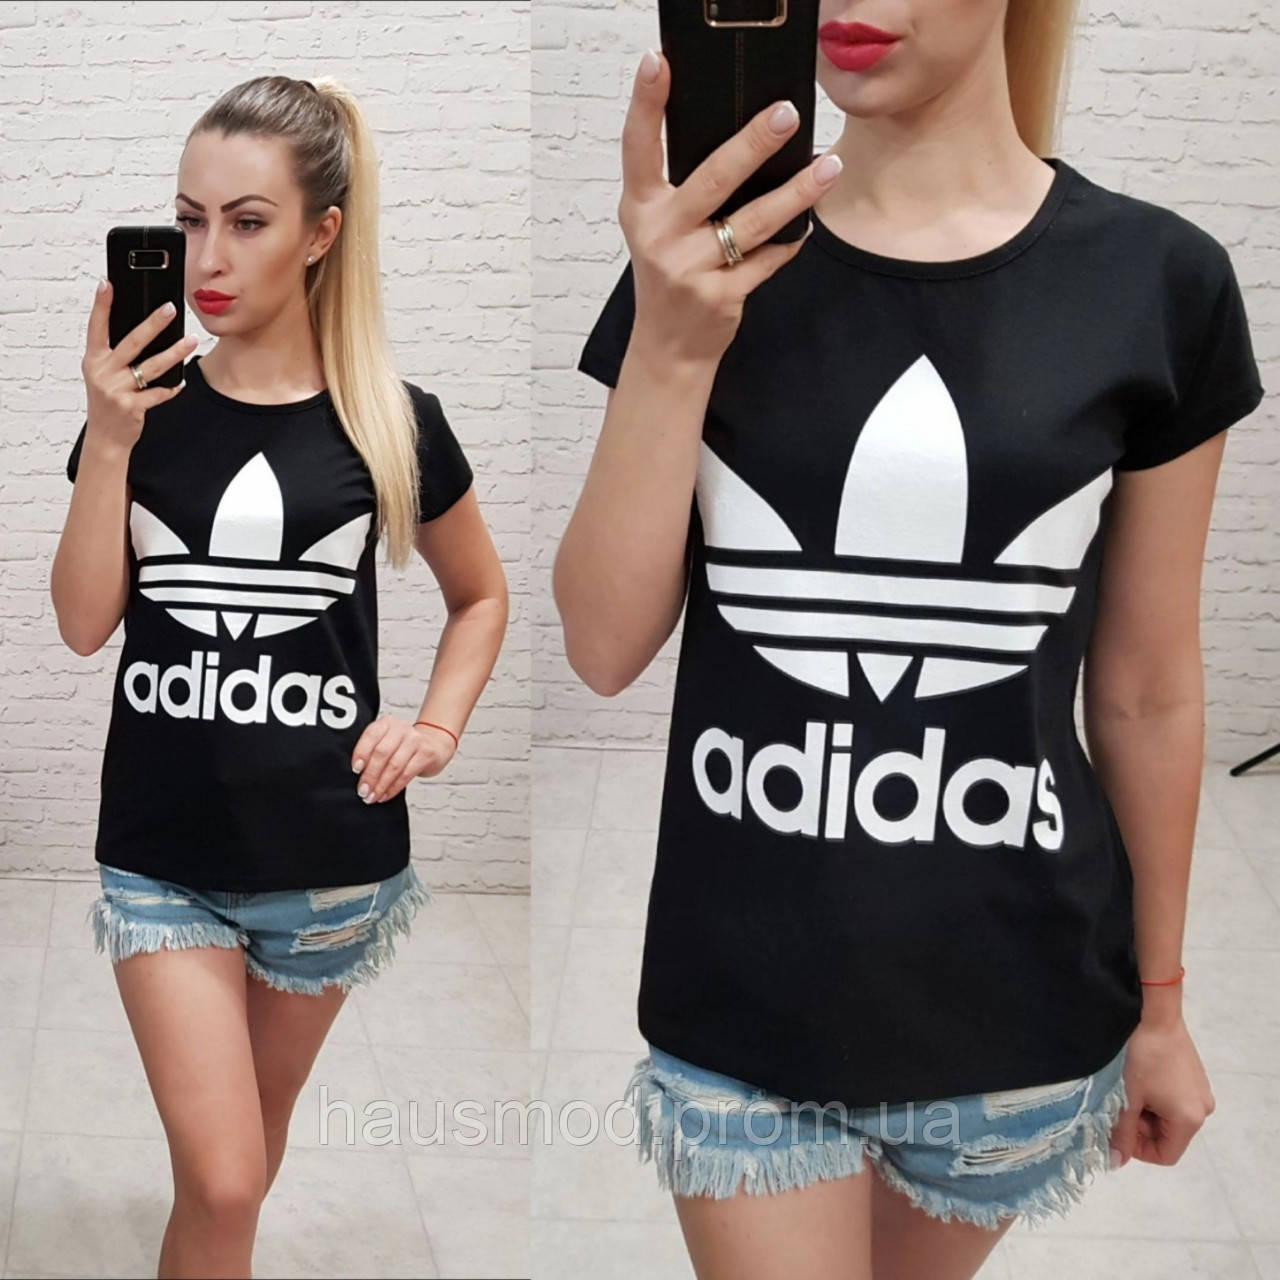 Женская футболка 100% катон реплика Adidas Турция черная